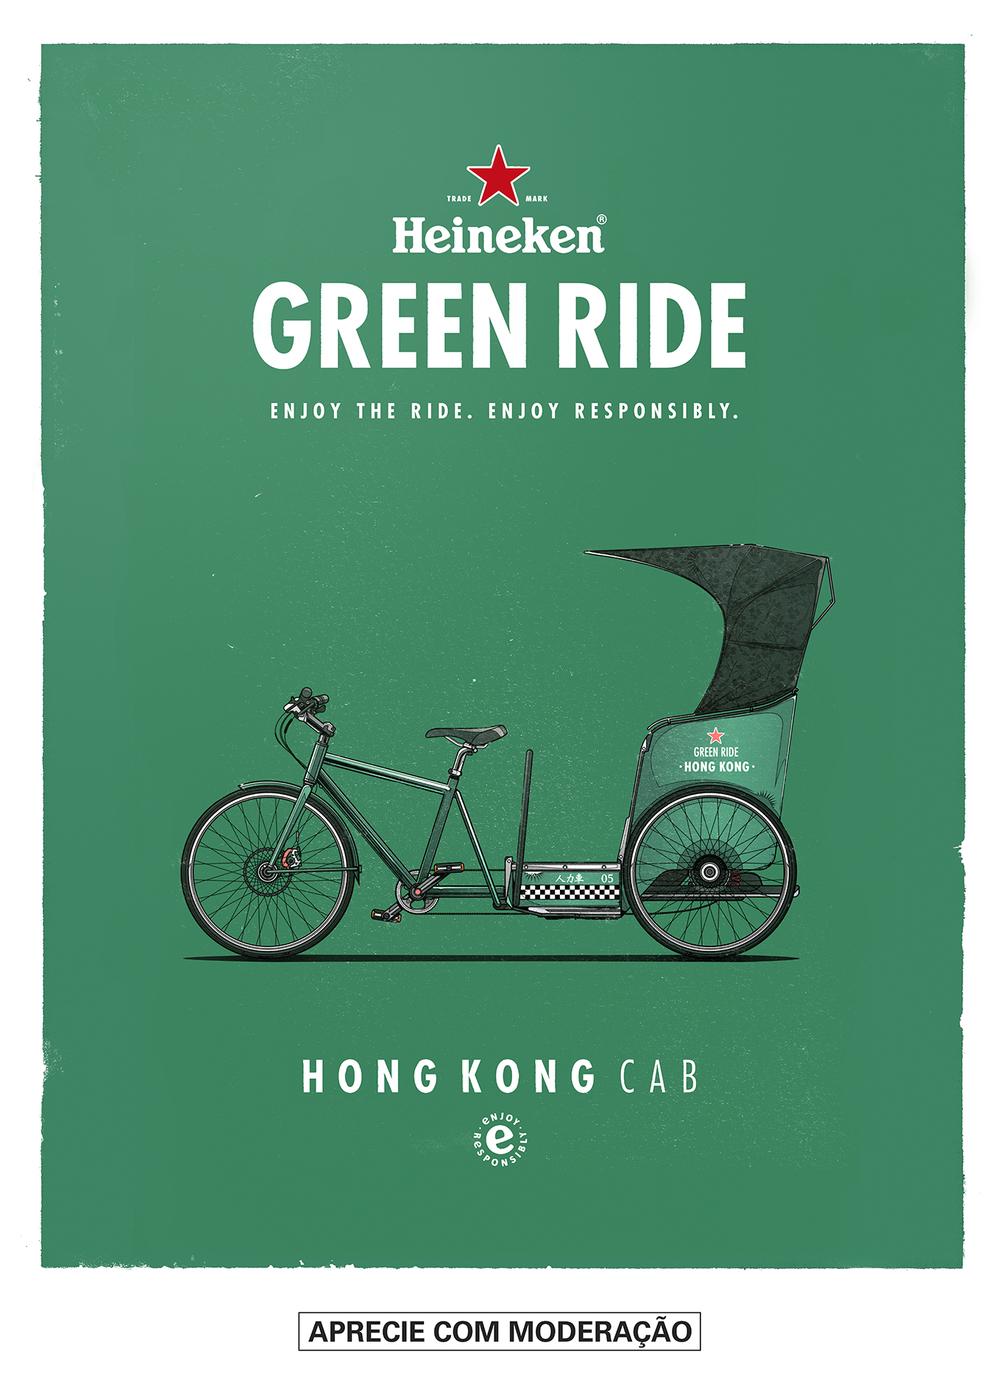 IFR_43644_014_Hong kong_Poster.jpg